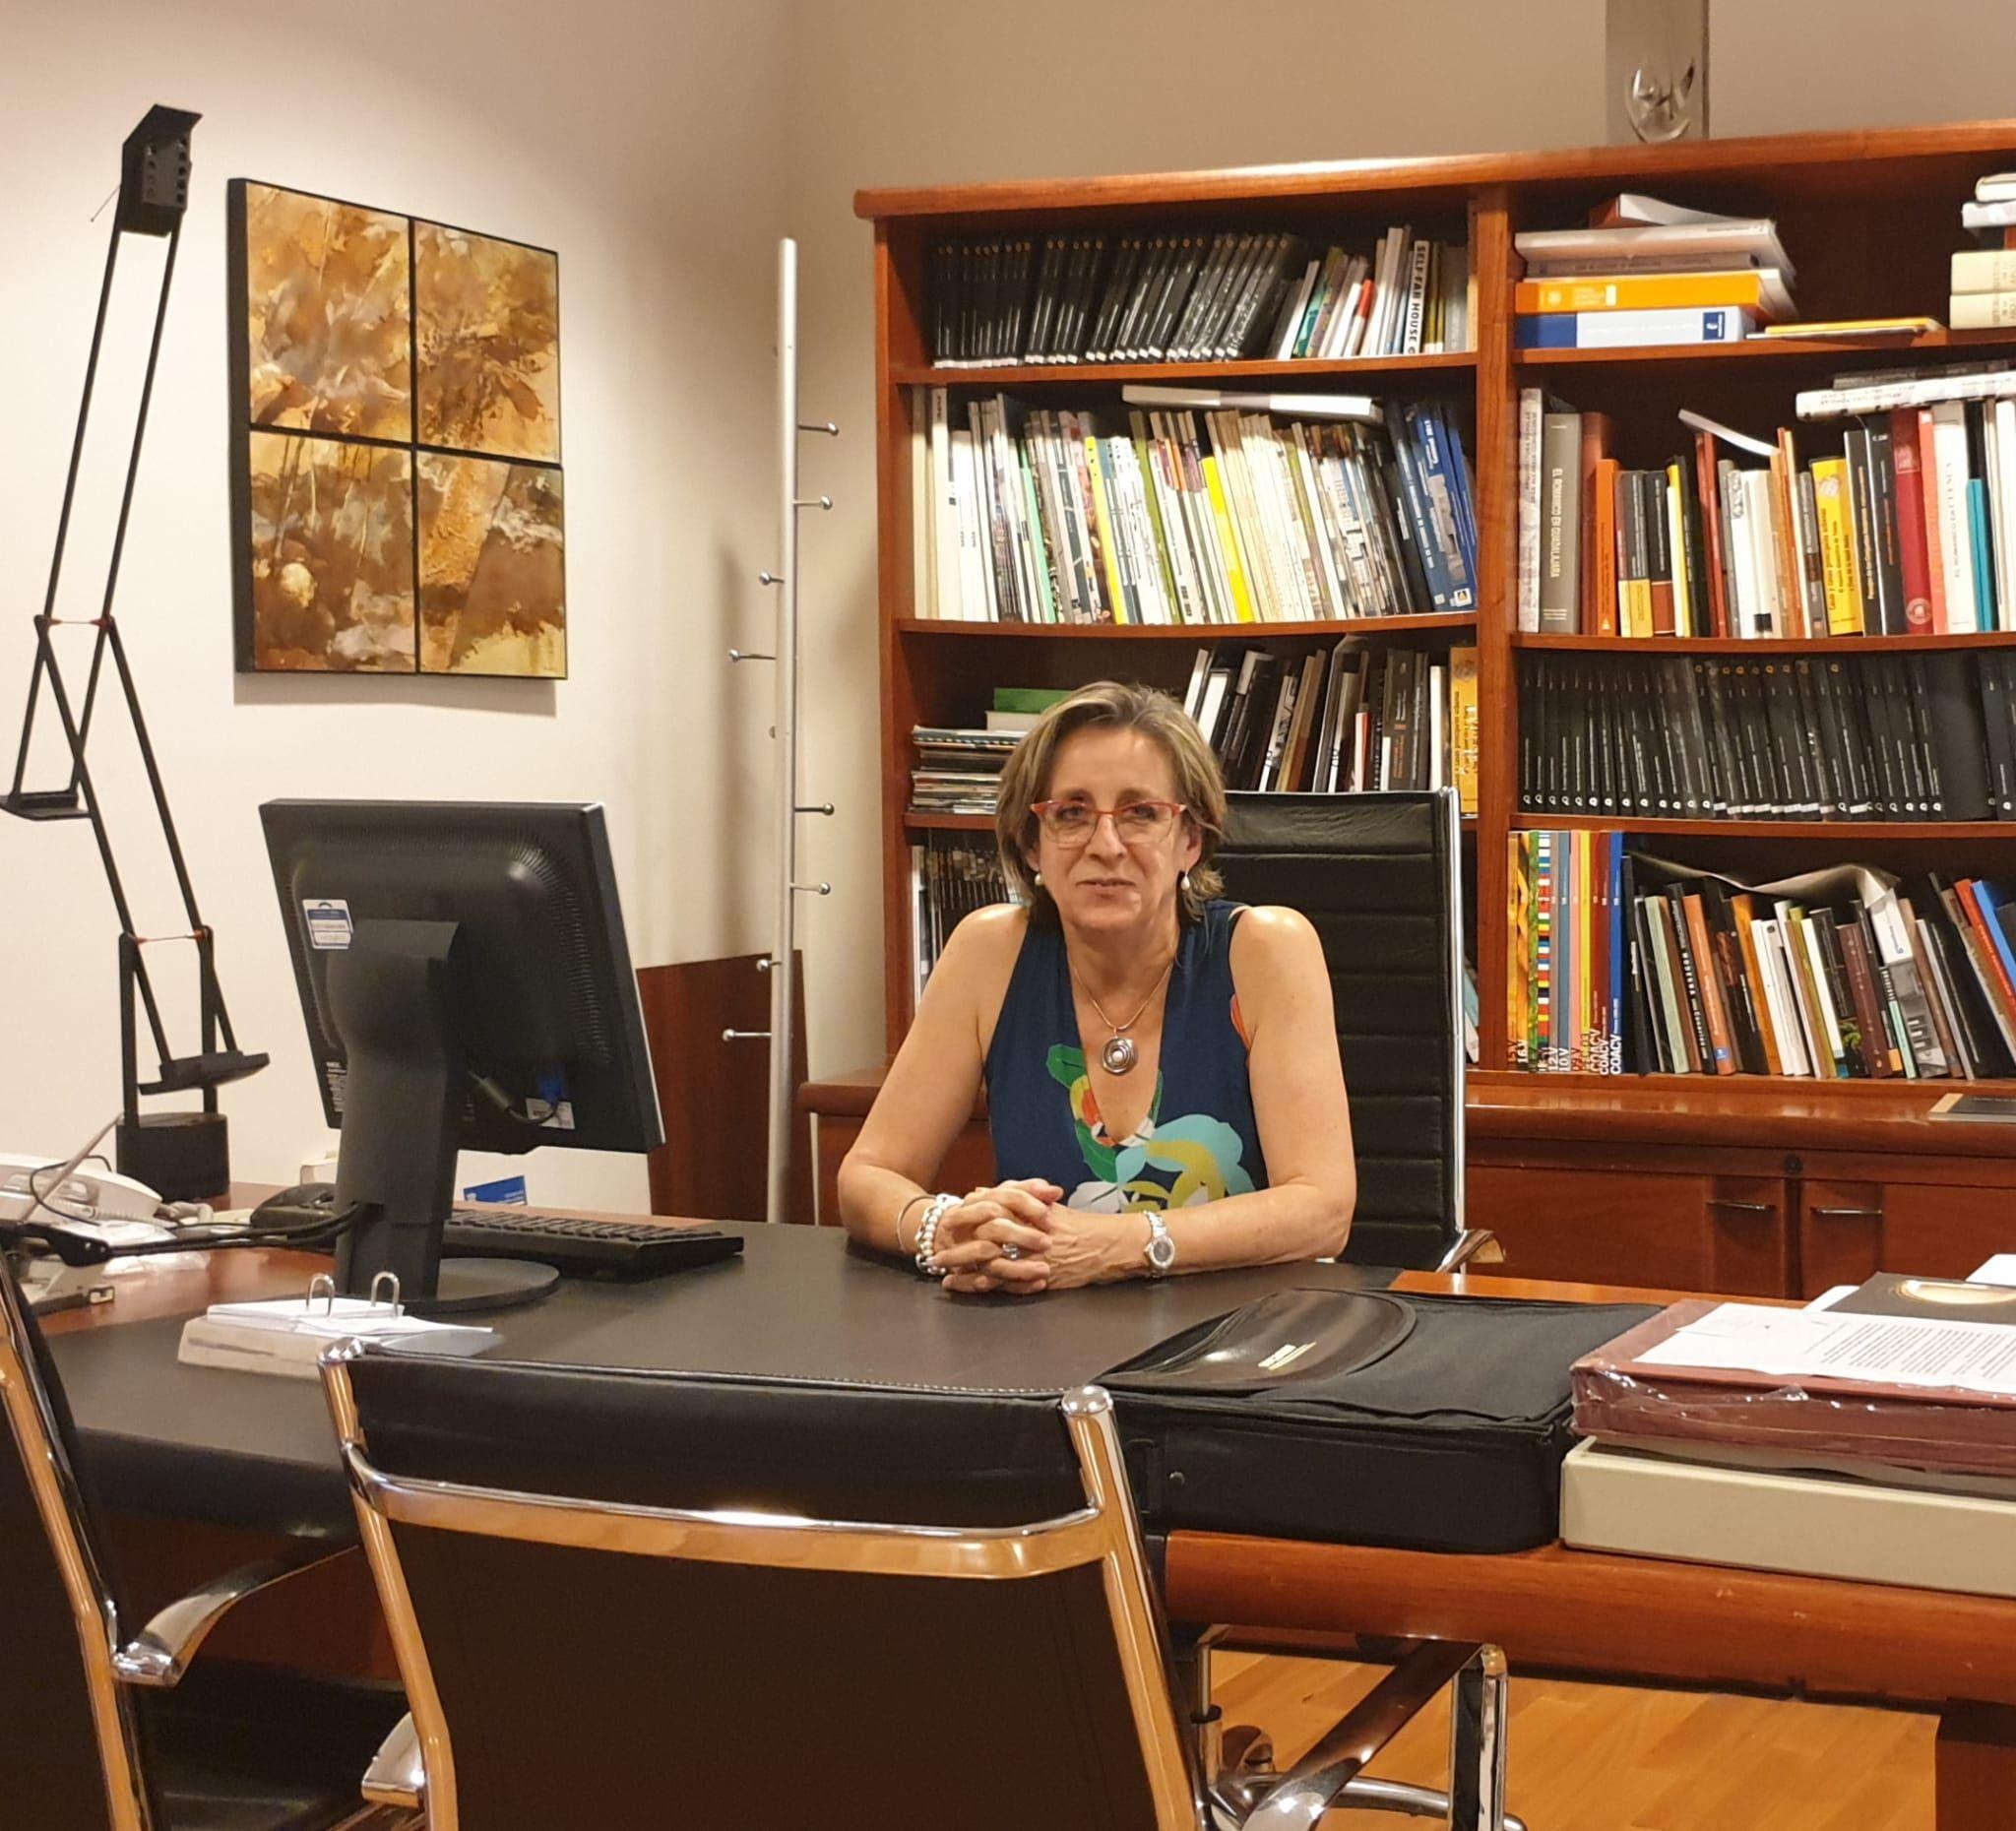 Fotografia Elena Guijarro, decana de COACM